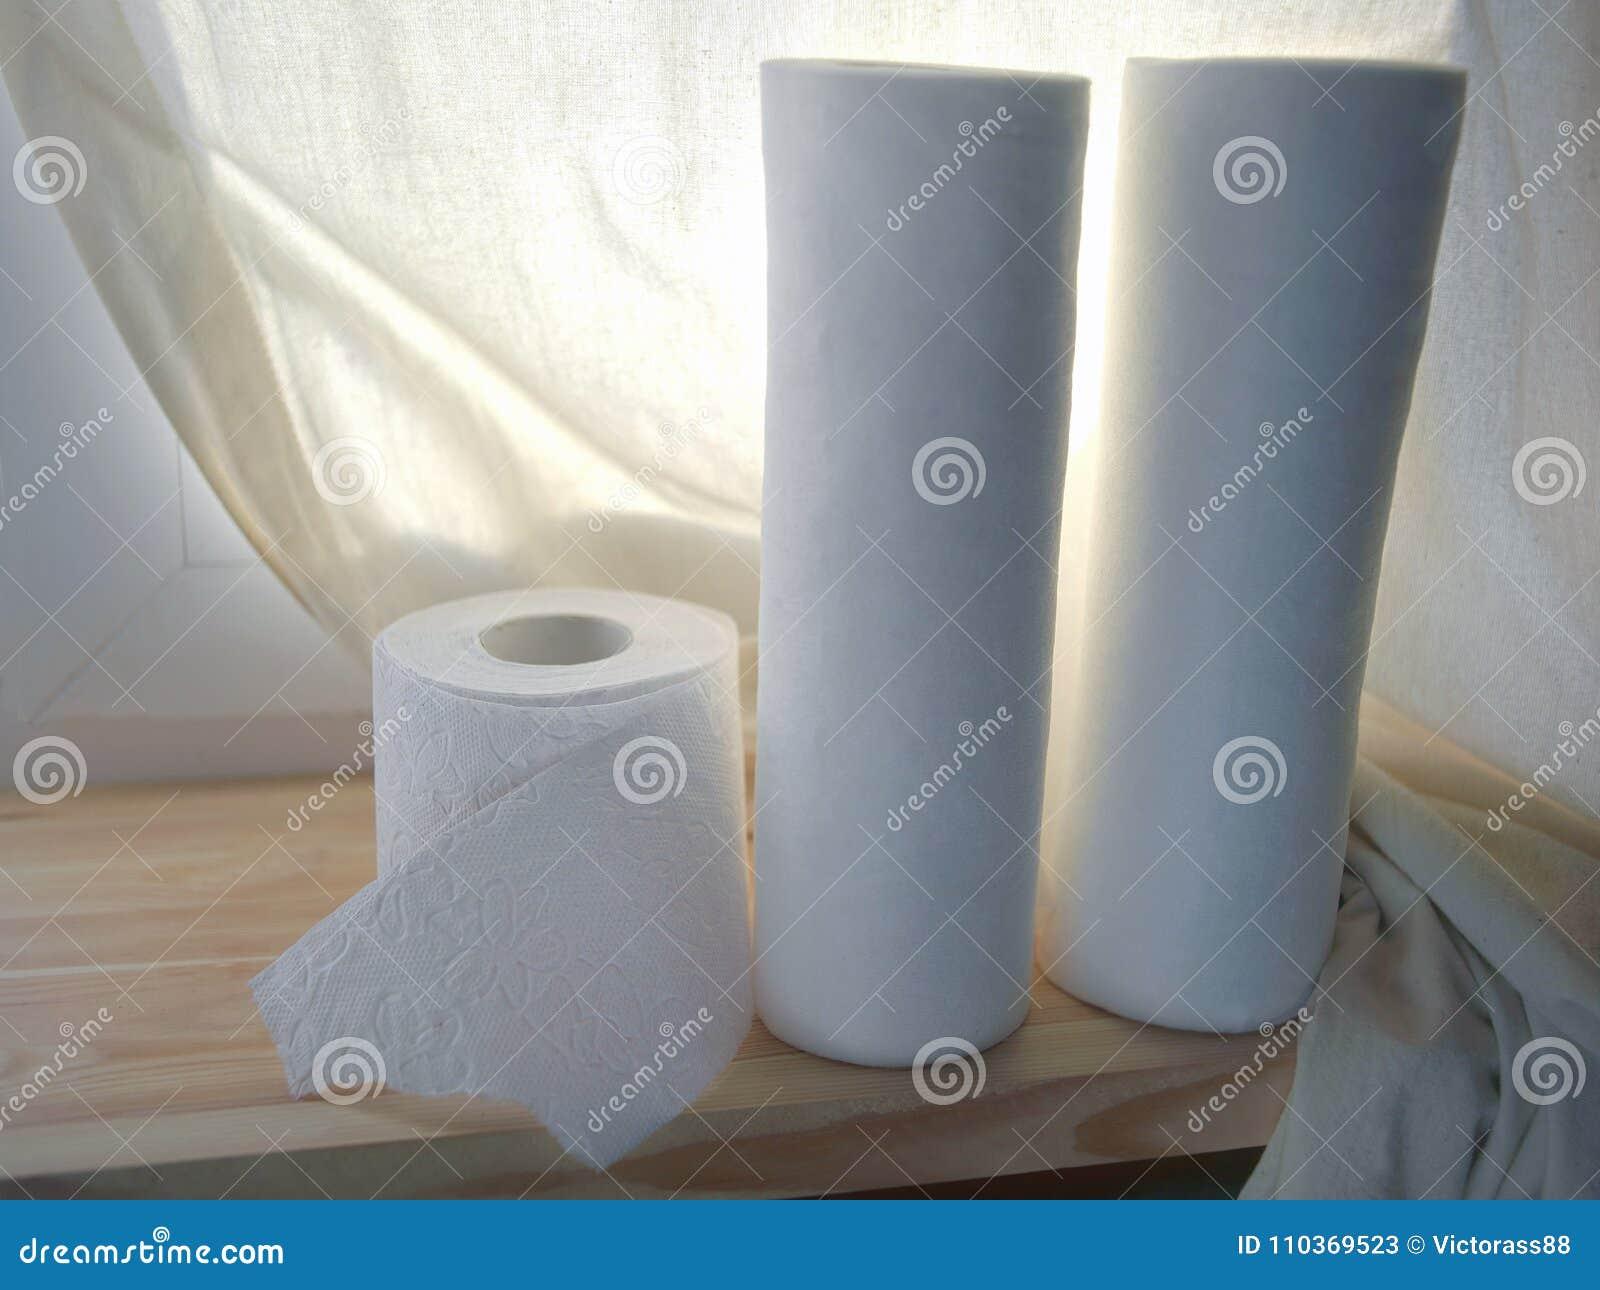 Kökshandduk och Toilette papper